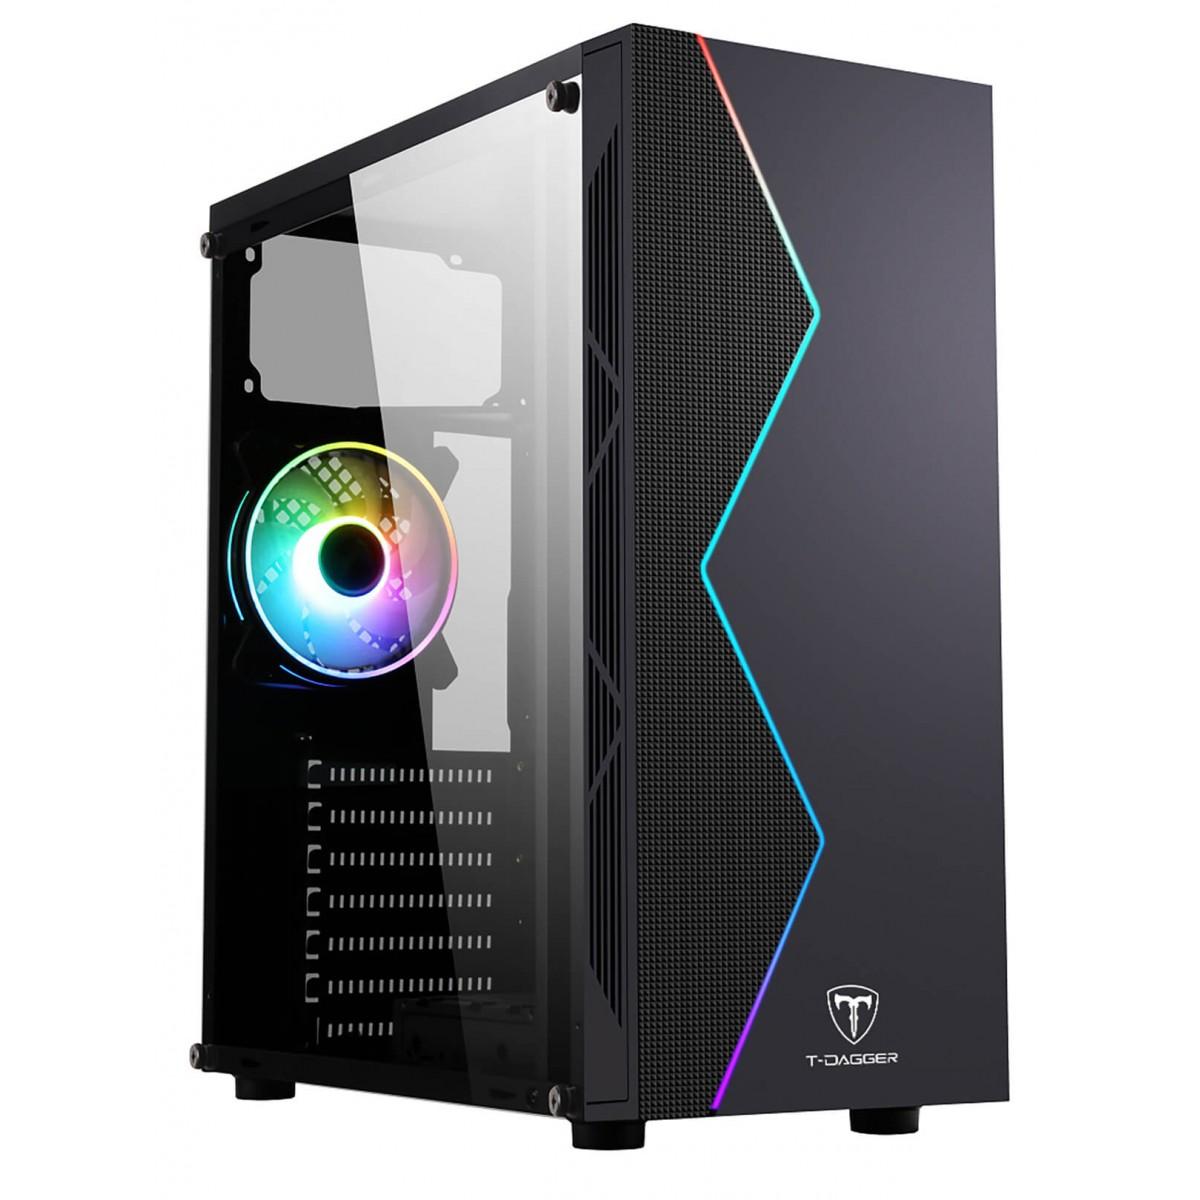 Computador Gamer, Ryzen 5 3500 3.6Ghz , Placa de VIdeo GTX-1050TI 4GB DDR5, DDR4 8GB, SSD 240GB